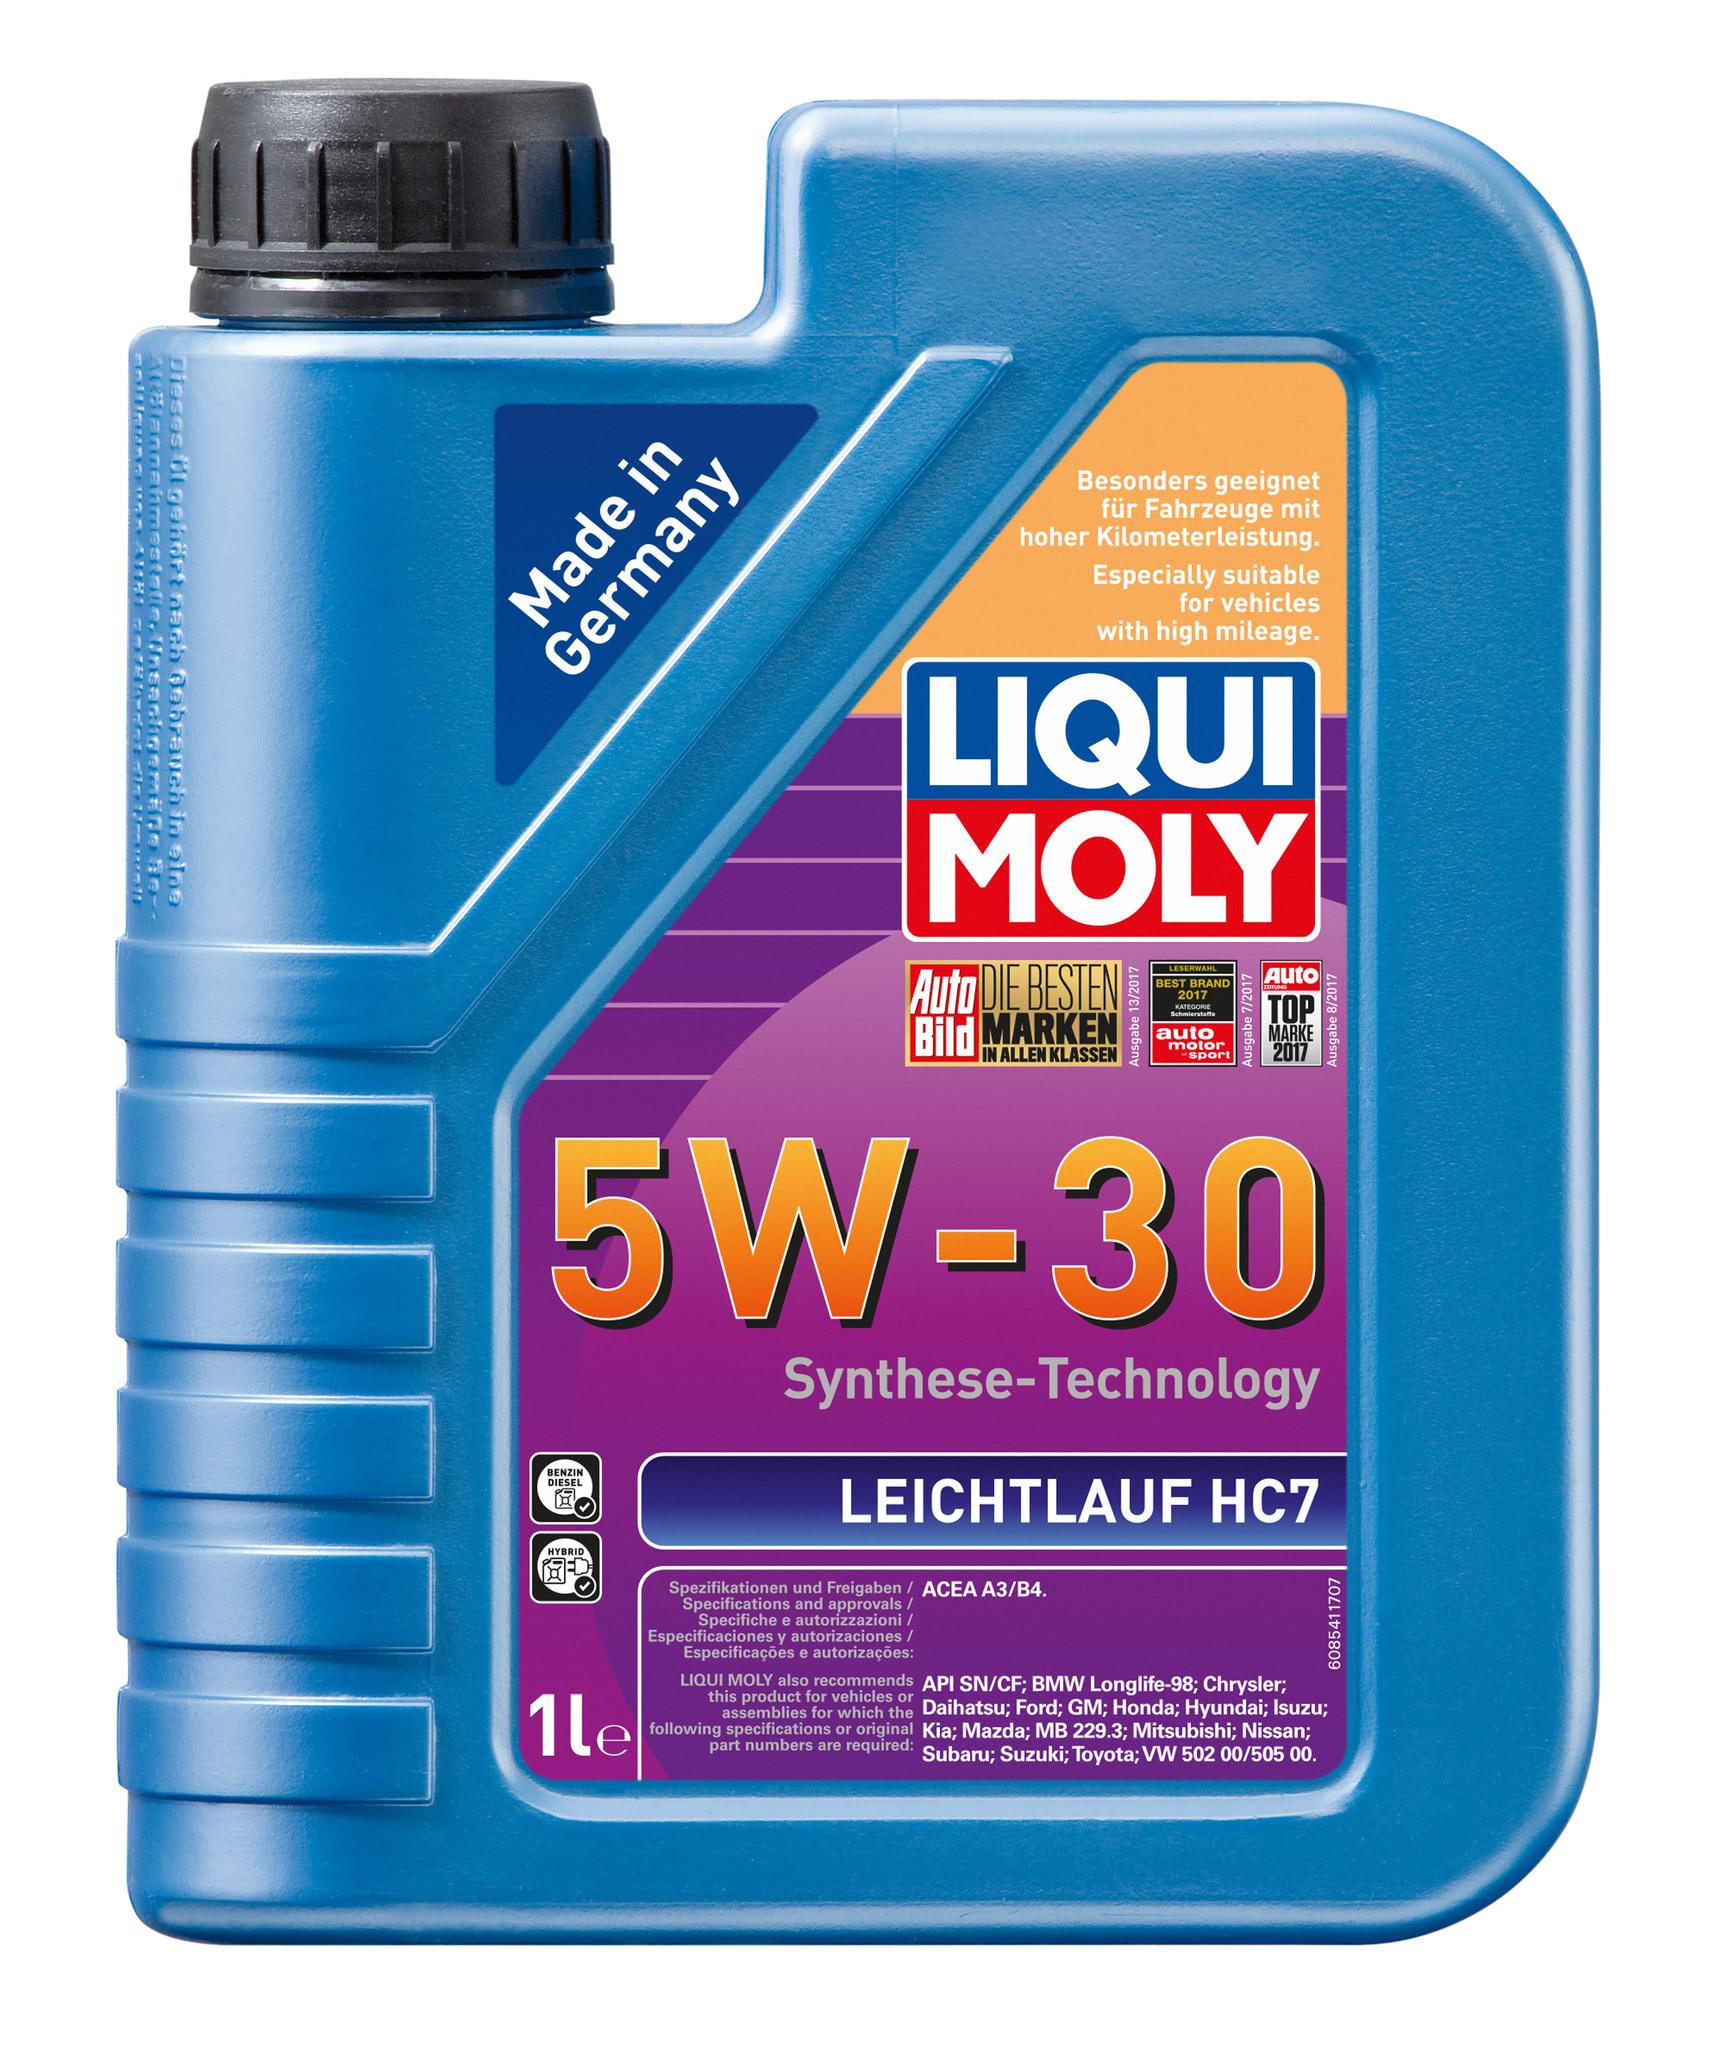 Универсальное масло для широкого спектра применения.